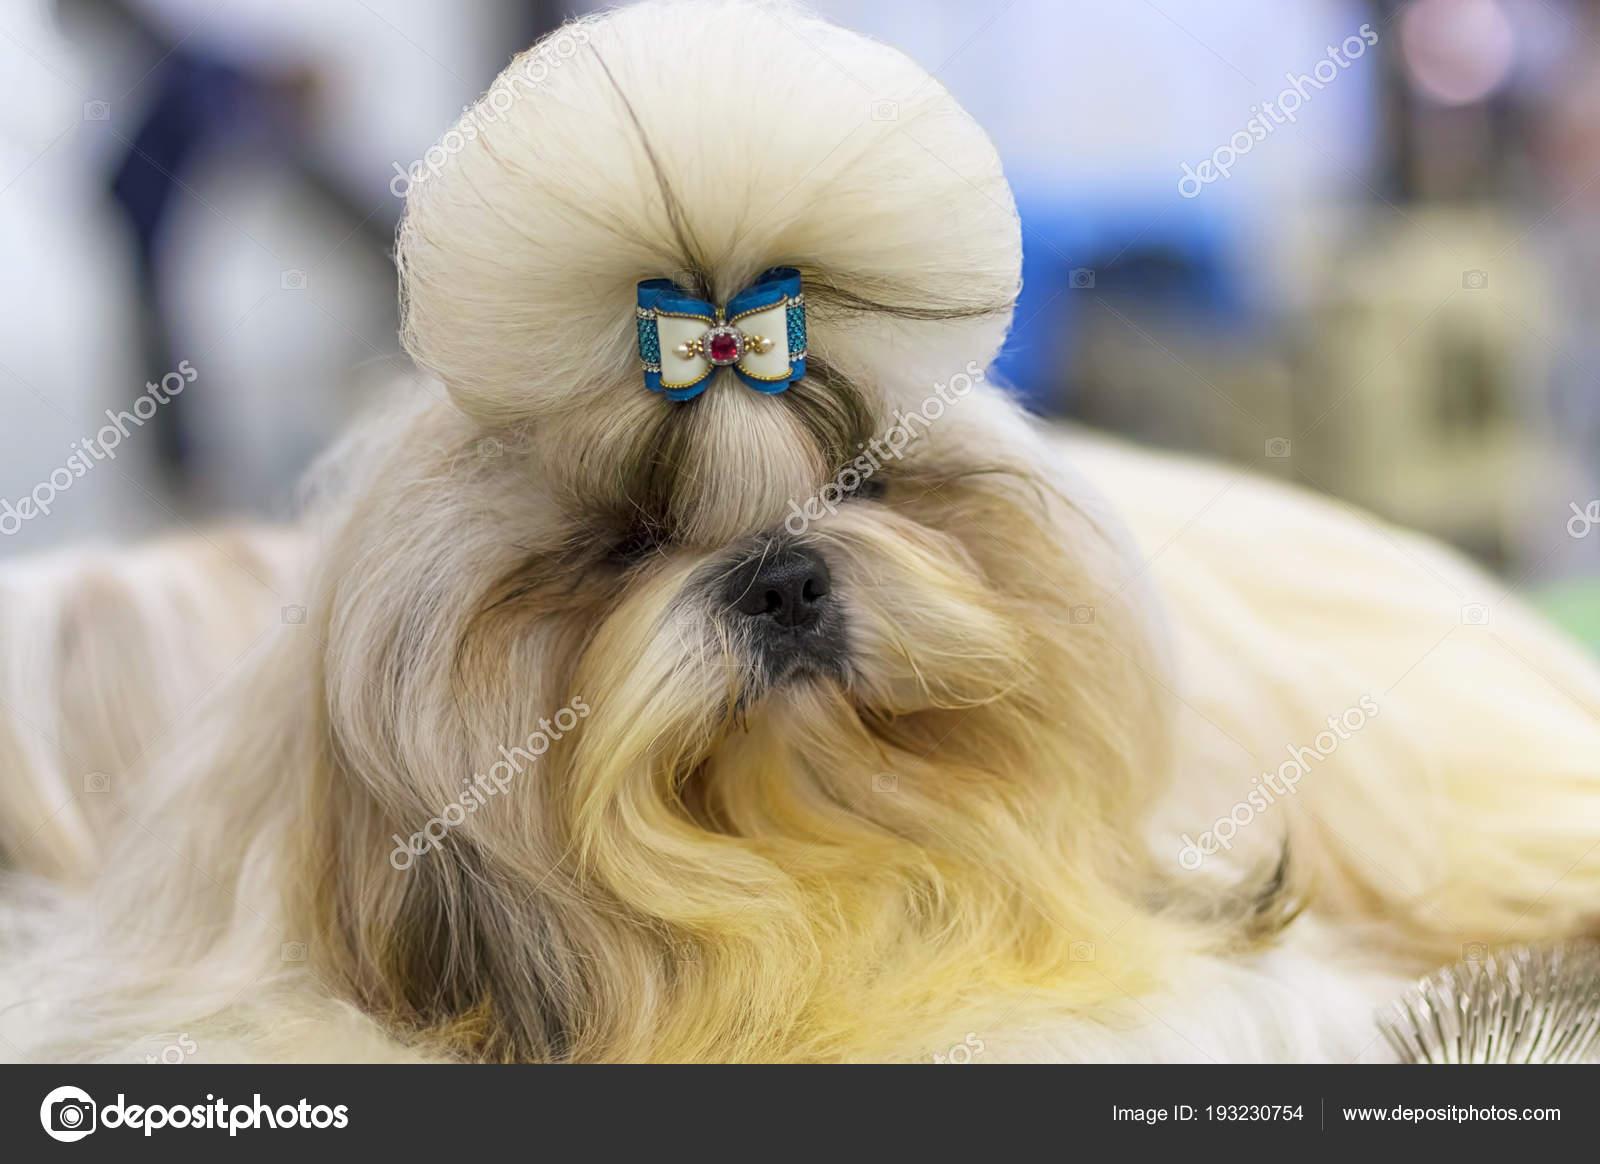 Cane Maltese Lap è Un Piccolo Cane Decorativo Con Un Bel Mantello